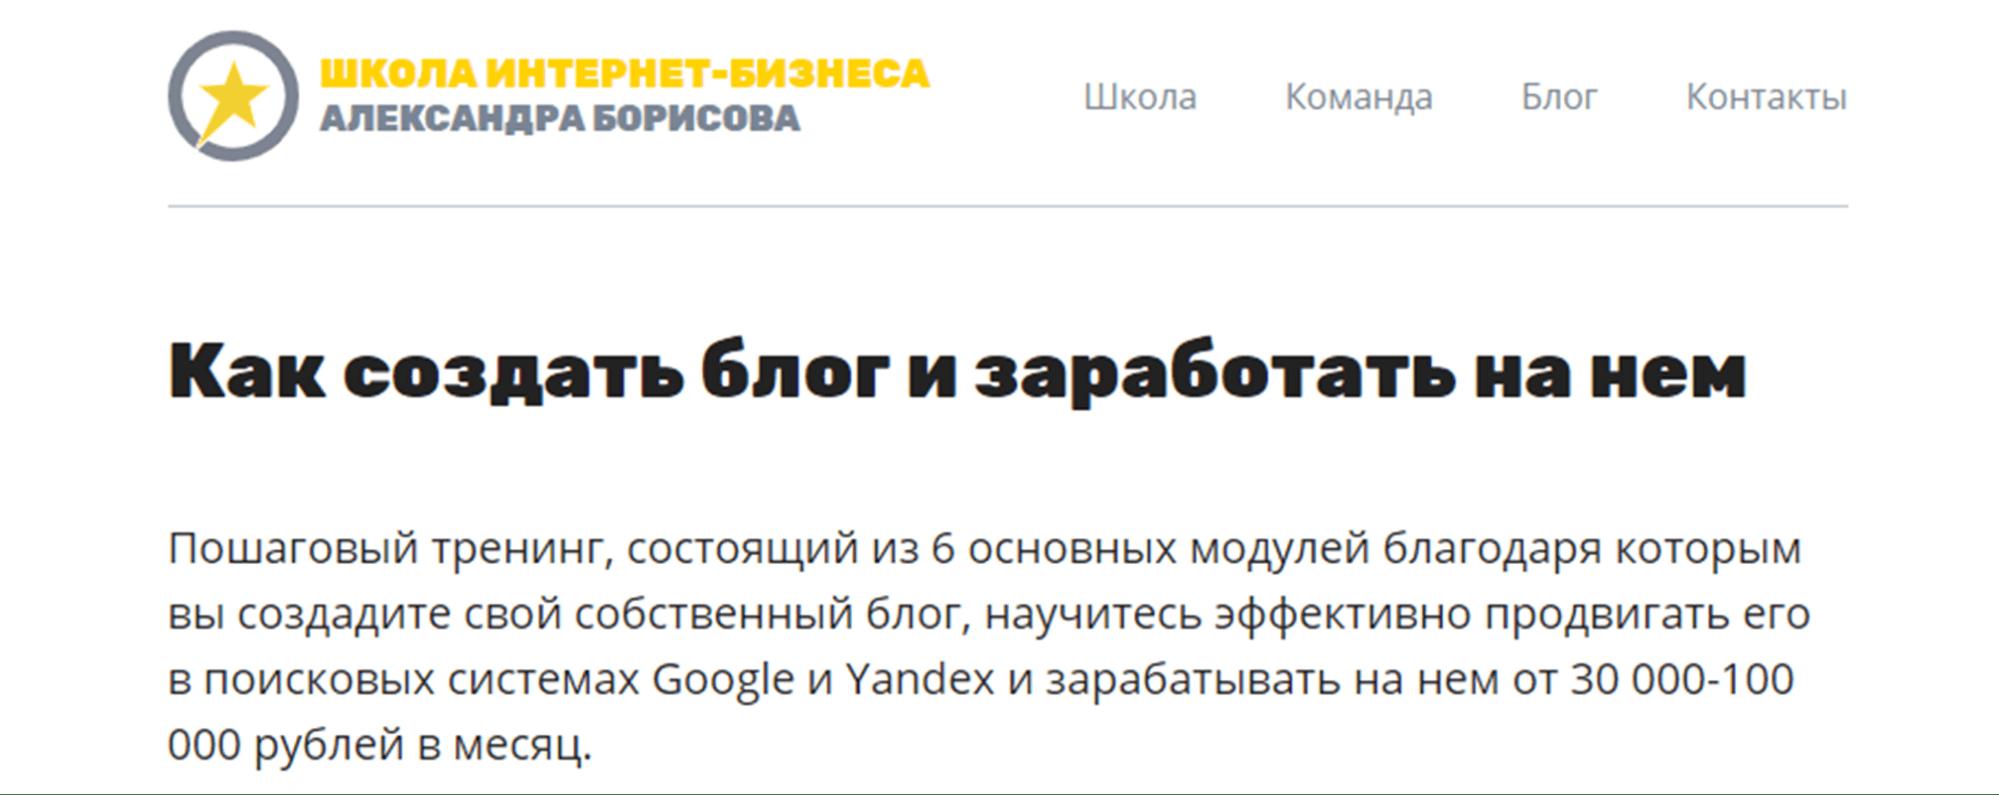 Создание блога в школе Александра Борисова